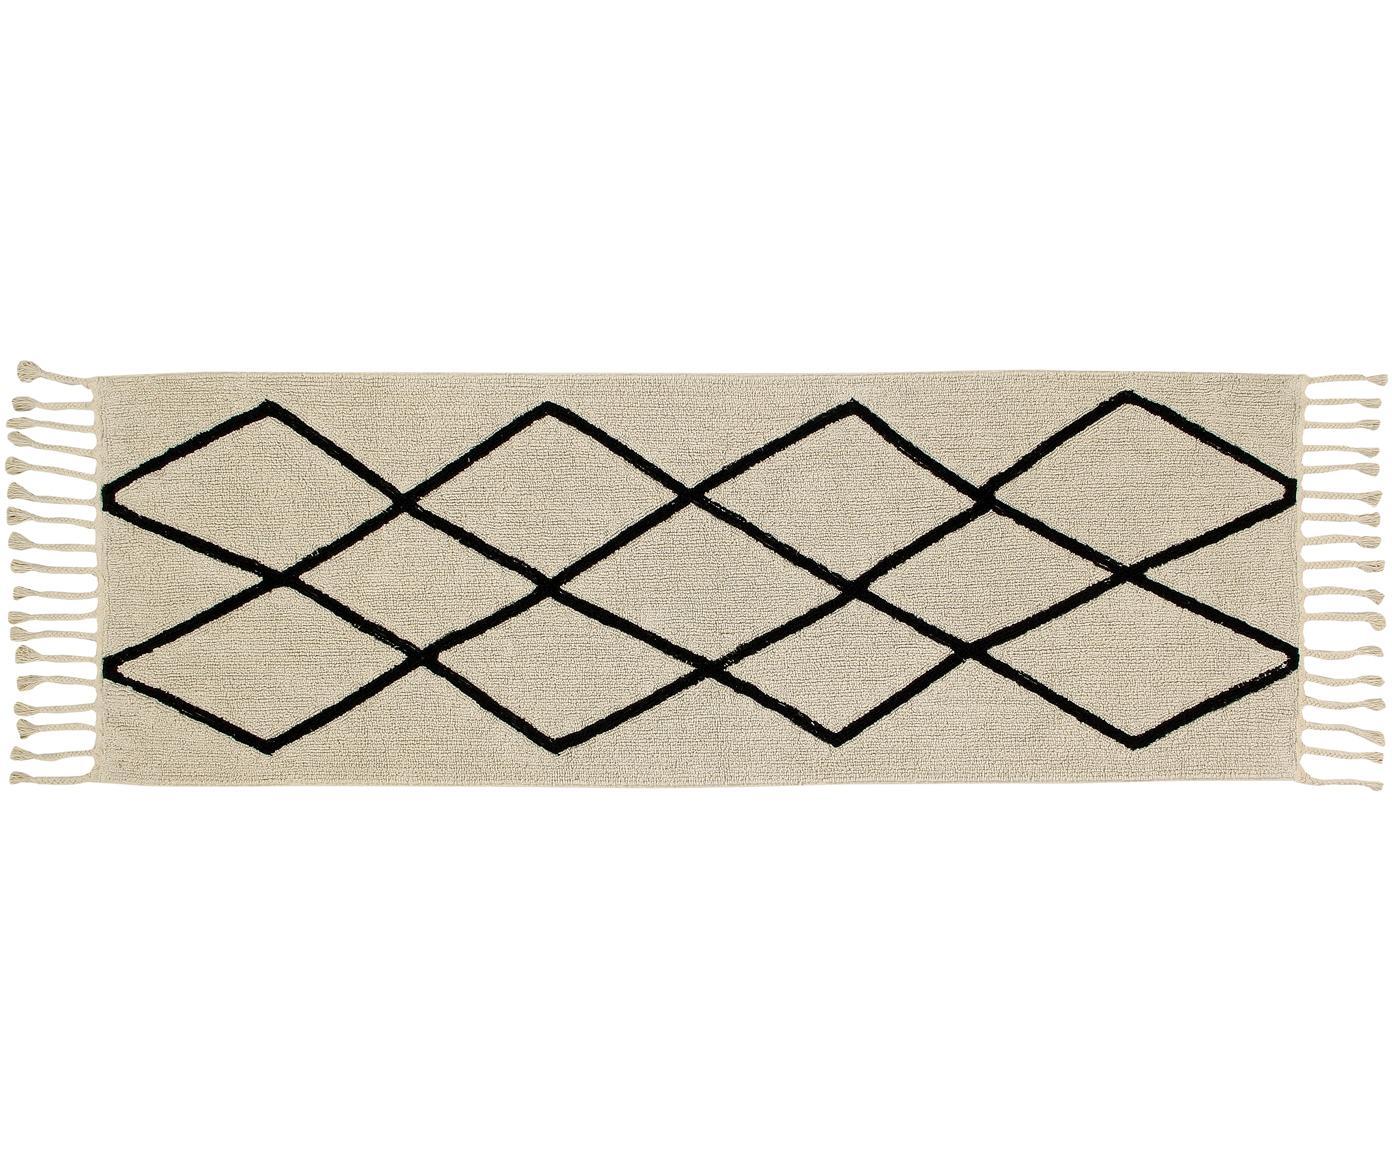 Läufer Bereber mit Rautenmuster und Fransen, Flor: 90% Baumwolle, 10% recyce, Beige, Schwarz, 80 x 230 cm